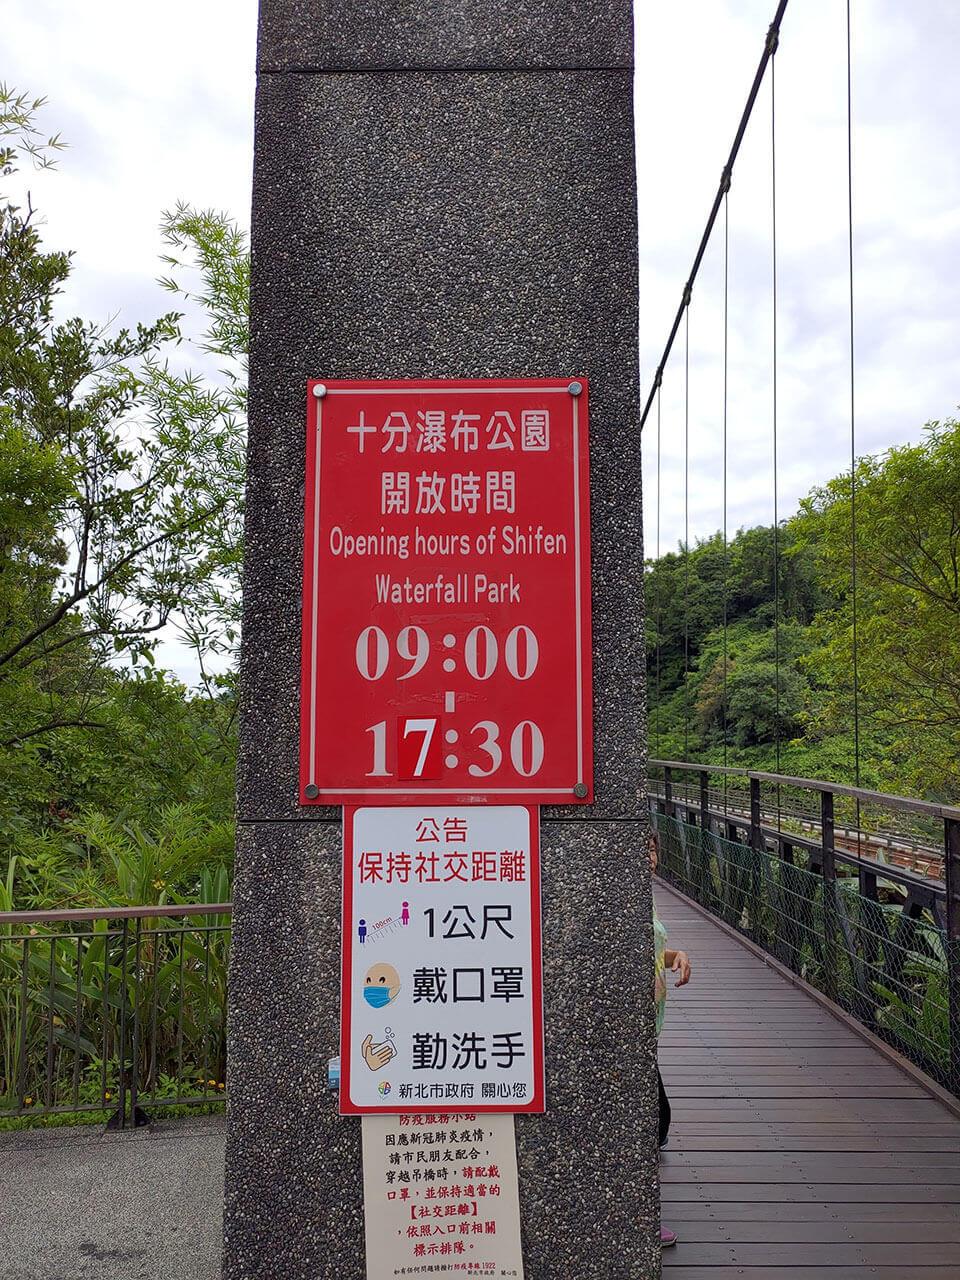 平溪一日遊:十分瀑布開放時間 9:00-17:30